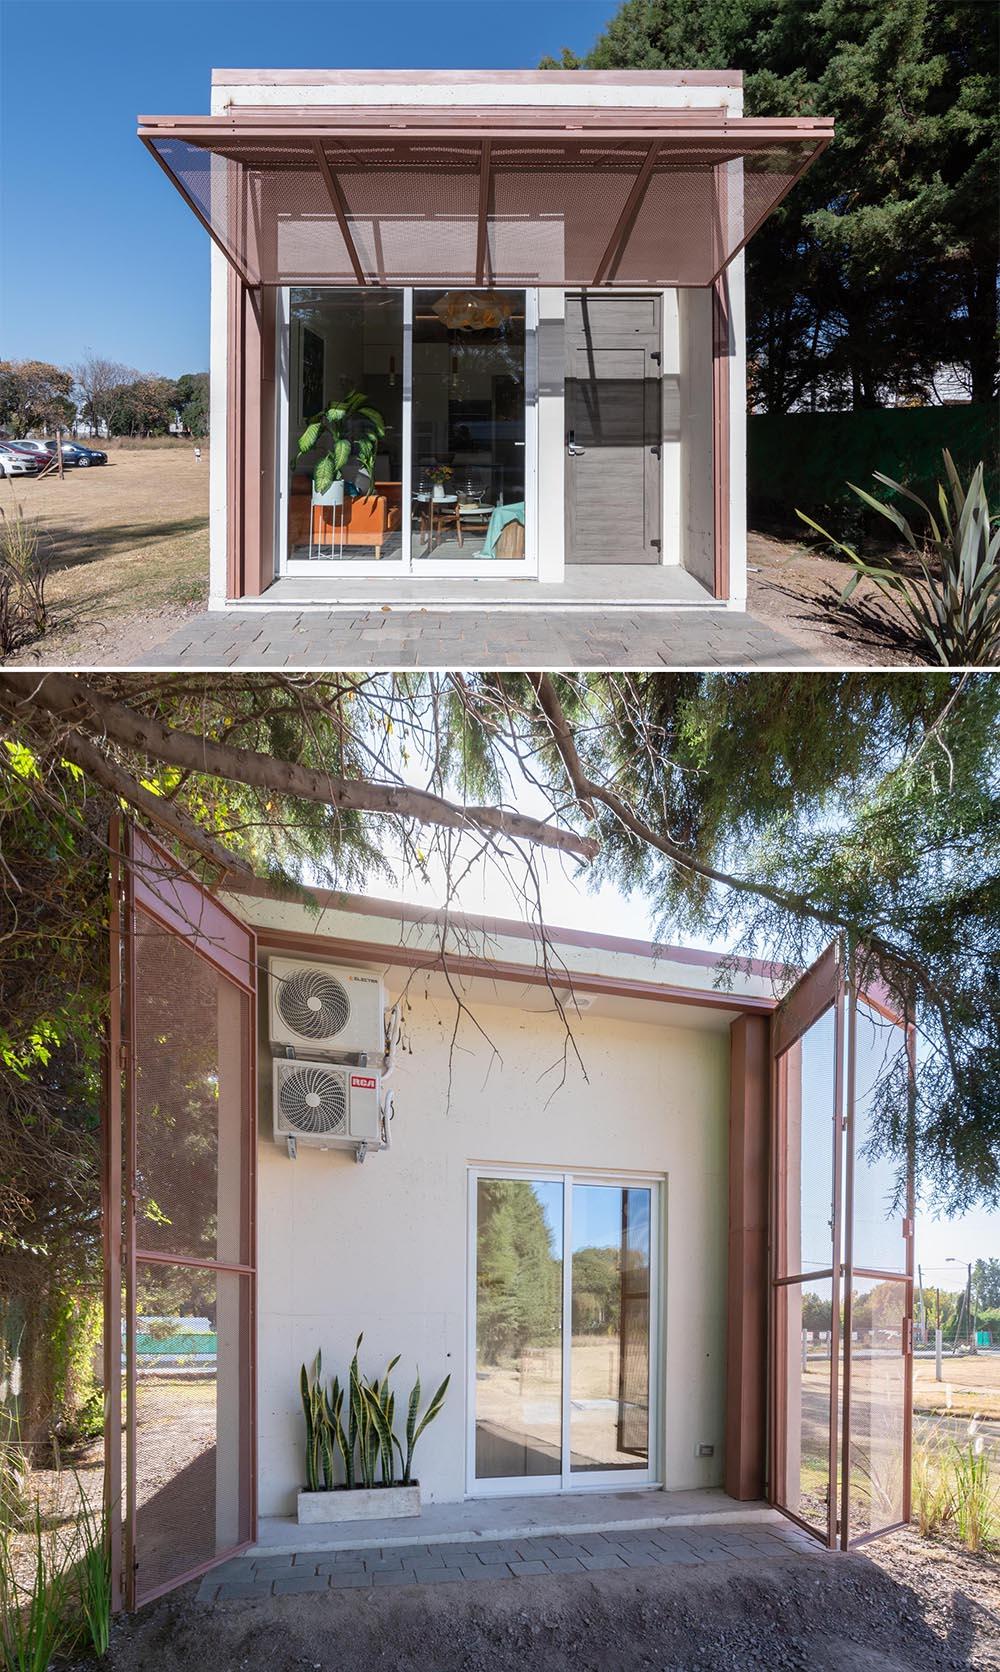 A modern precast concrete relocatable tiny home with a folding exterior screens.